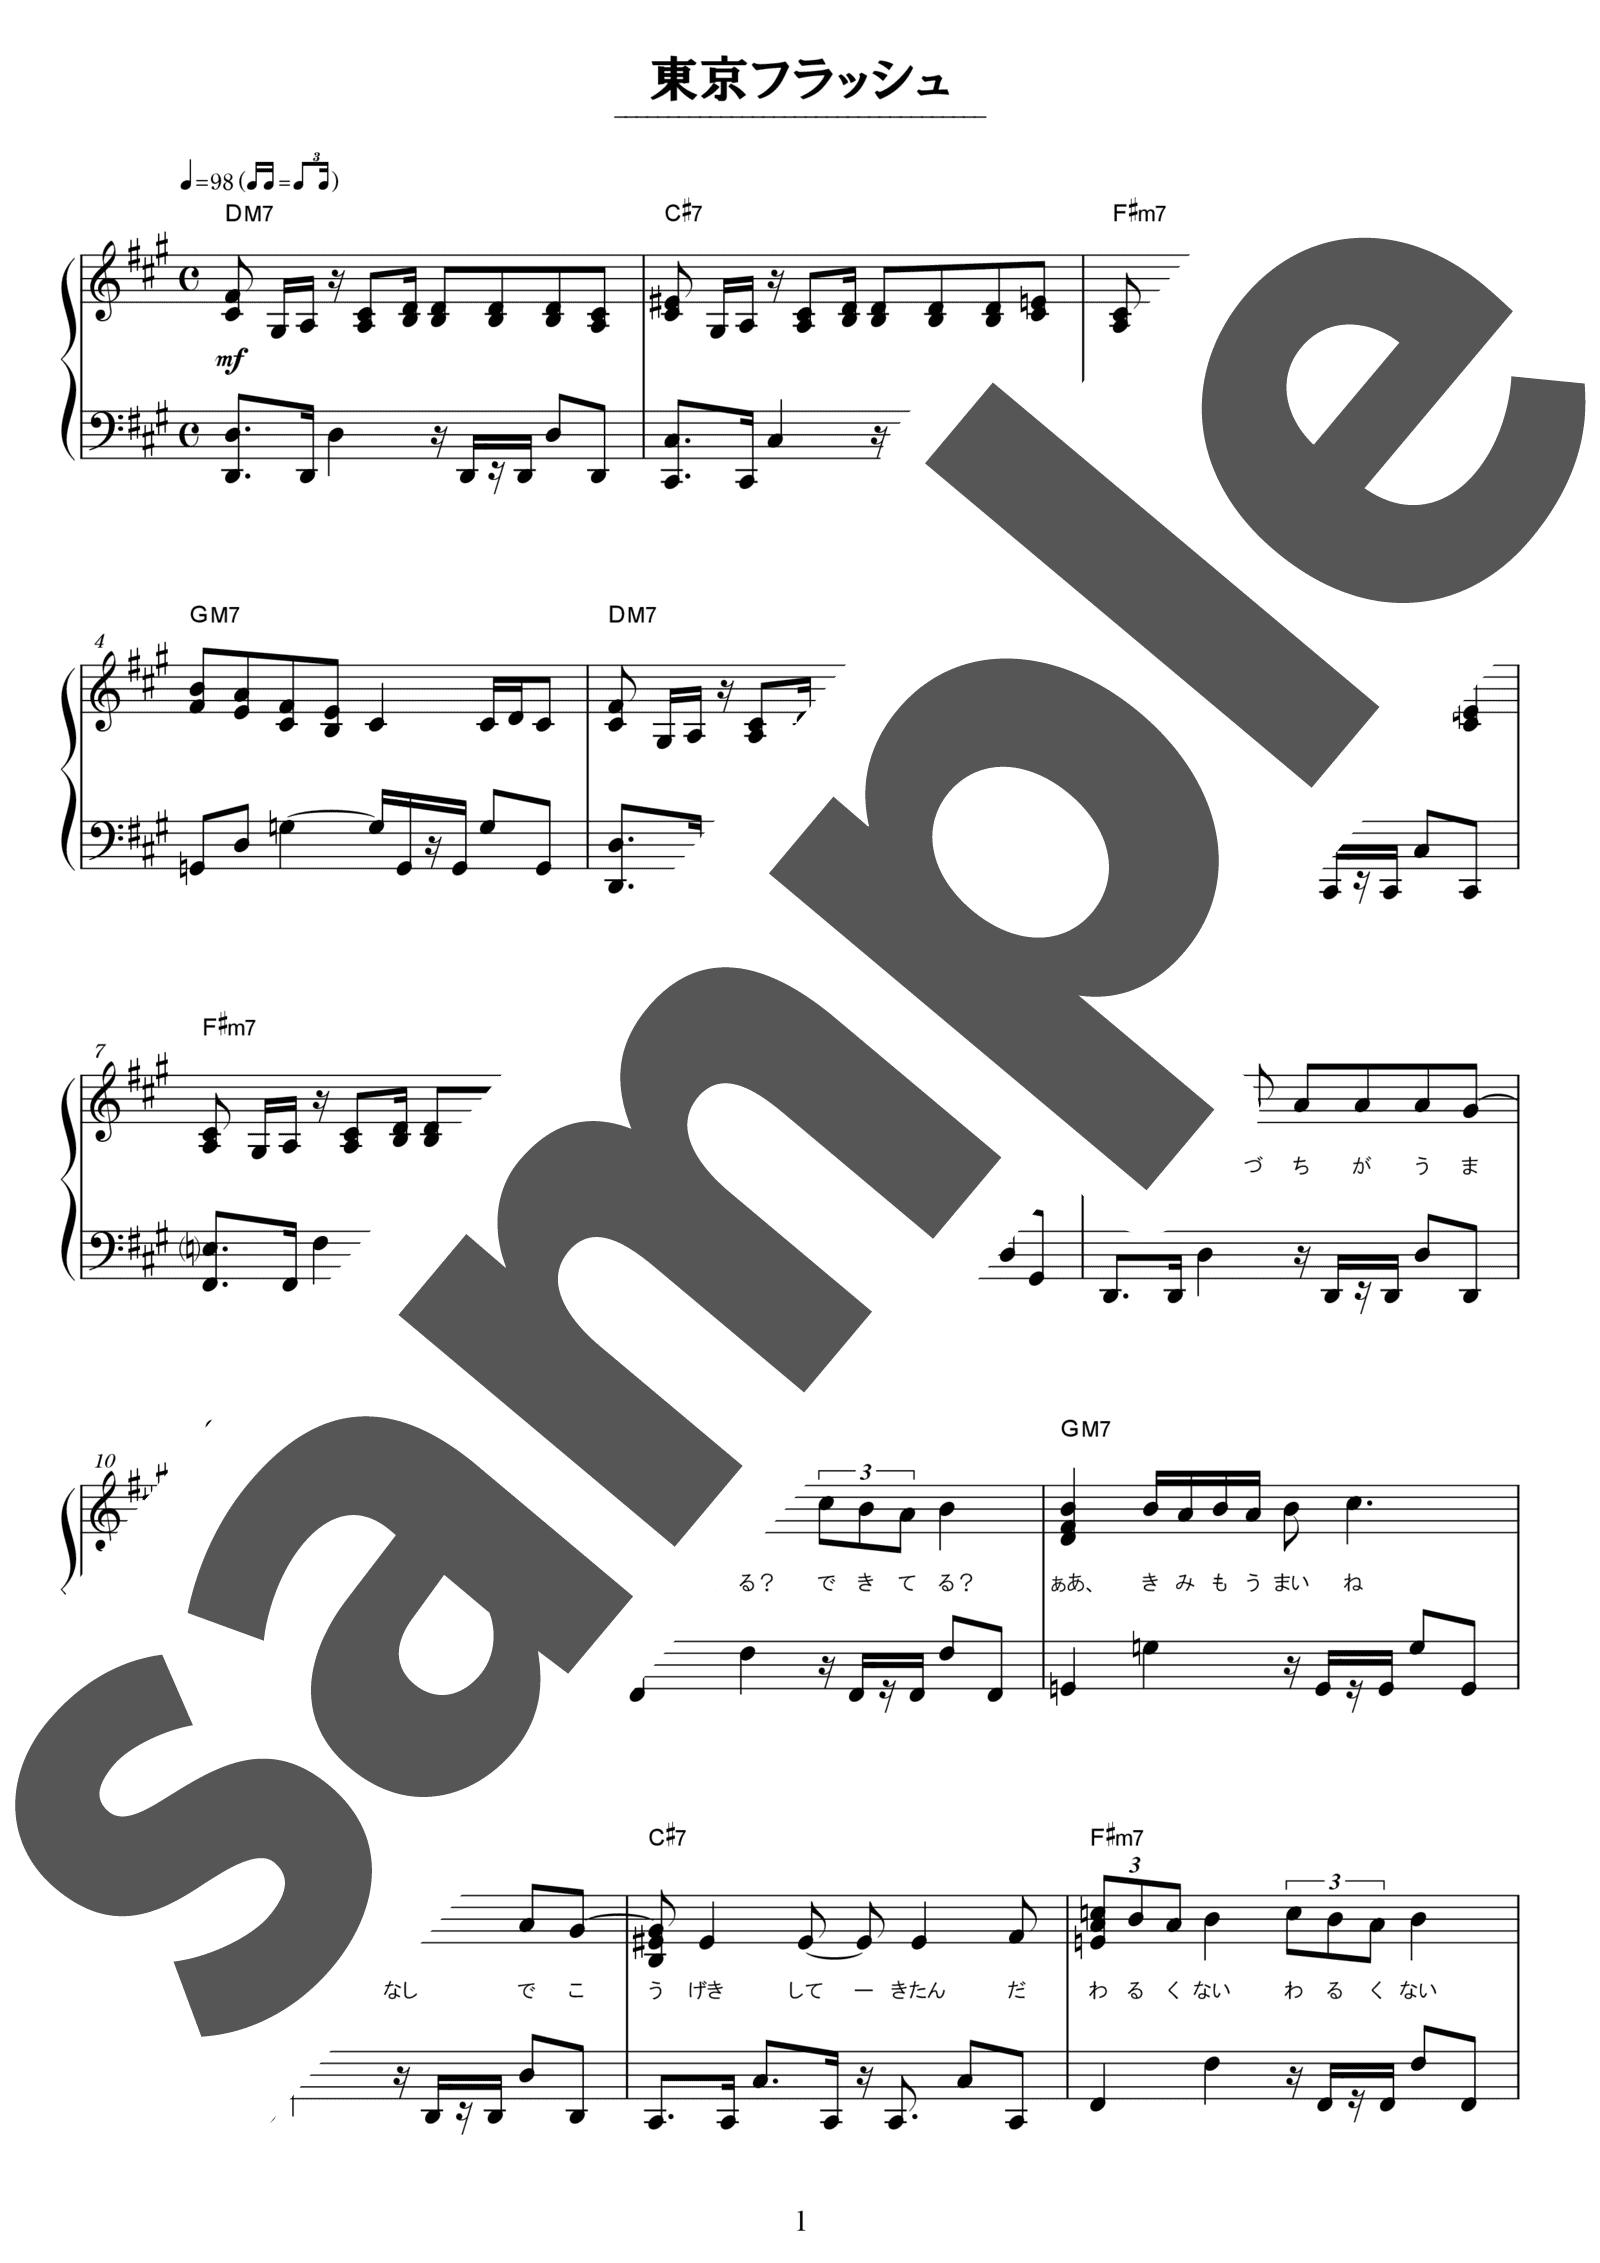 「東京フラッシュ」のサンプル楽譜